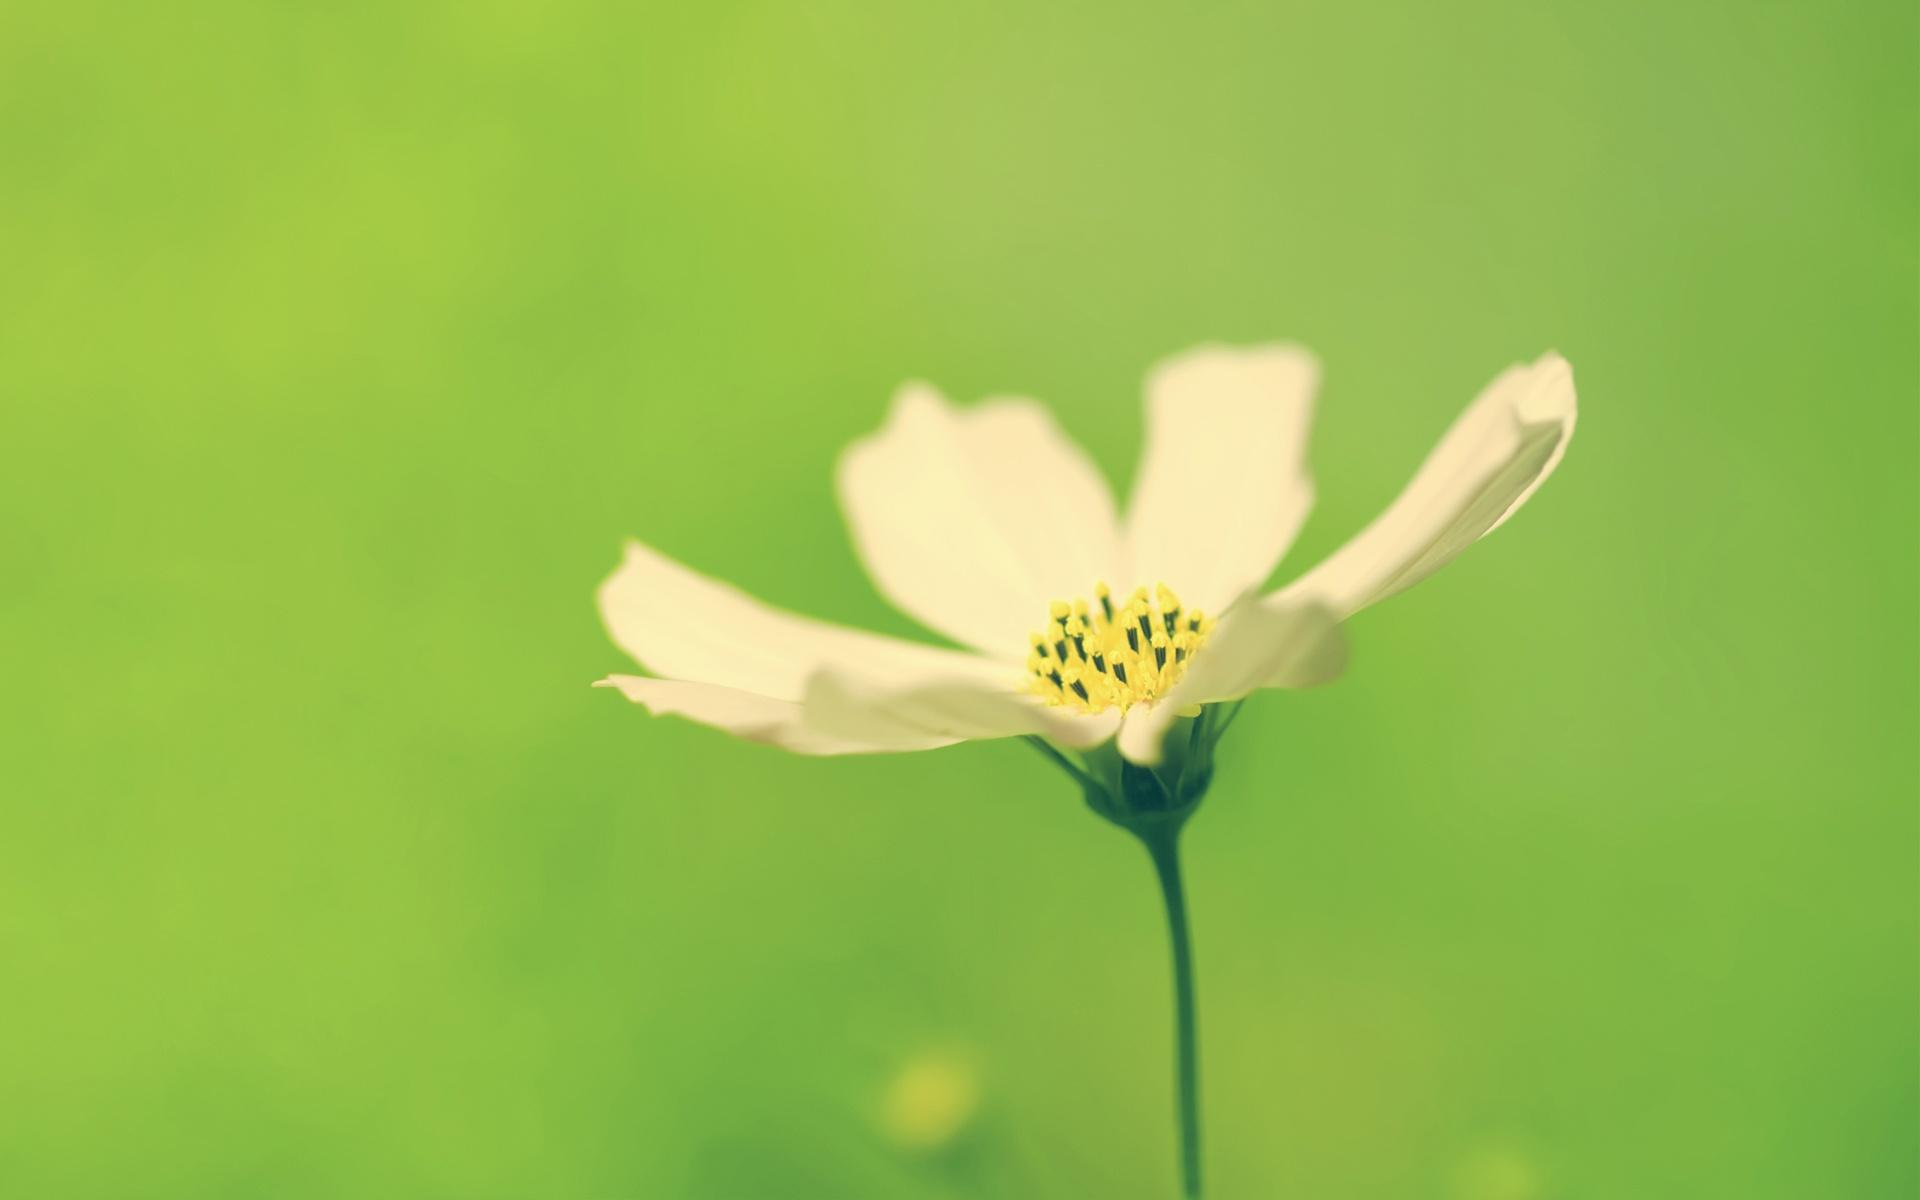 精美艺术设计拍摄风光风景植物宽屏壁纸 2011